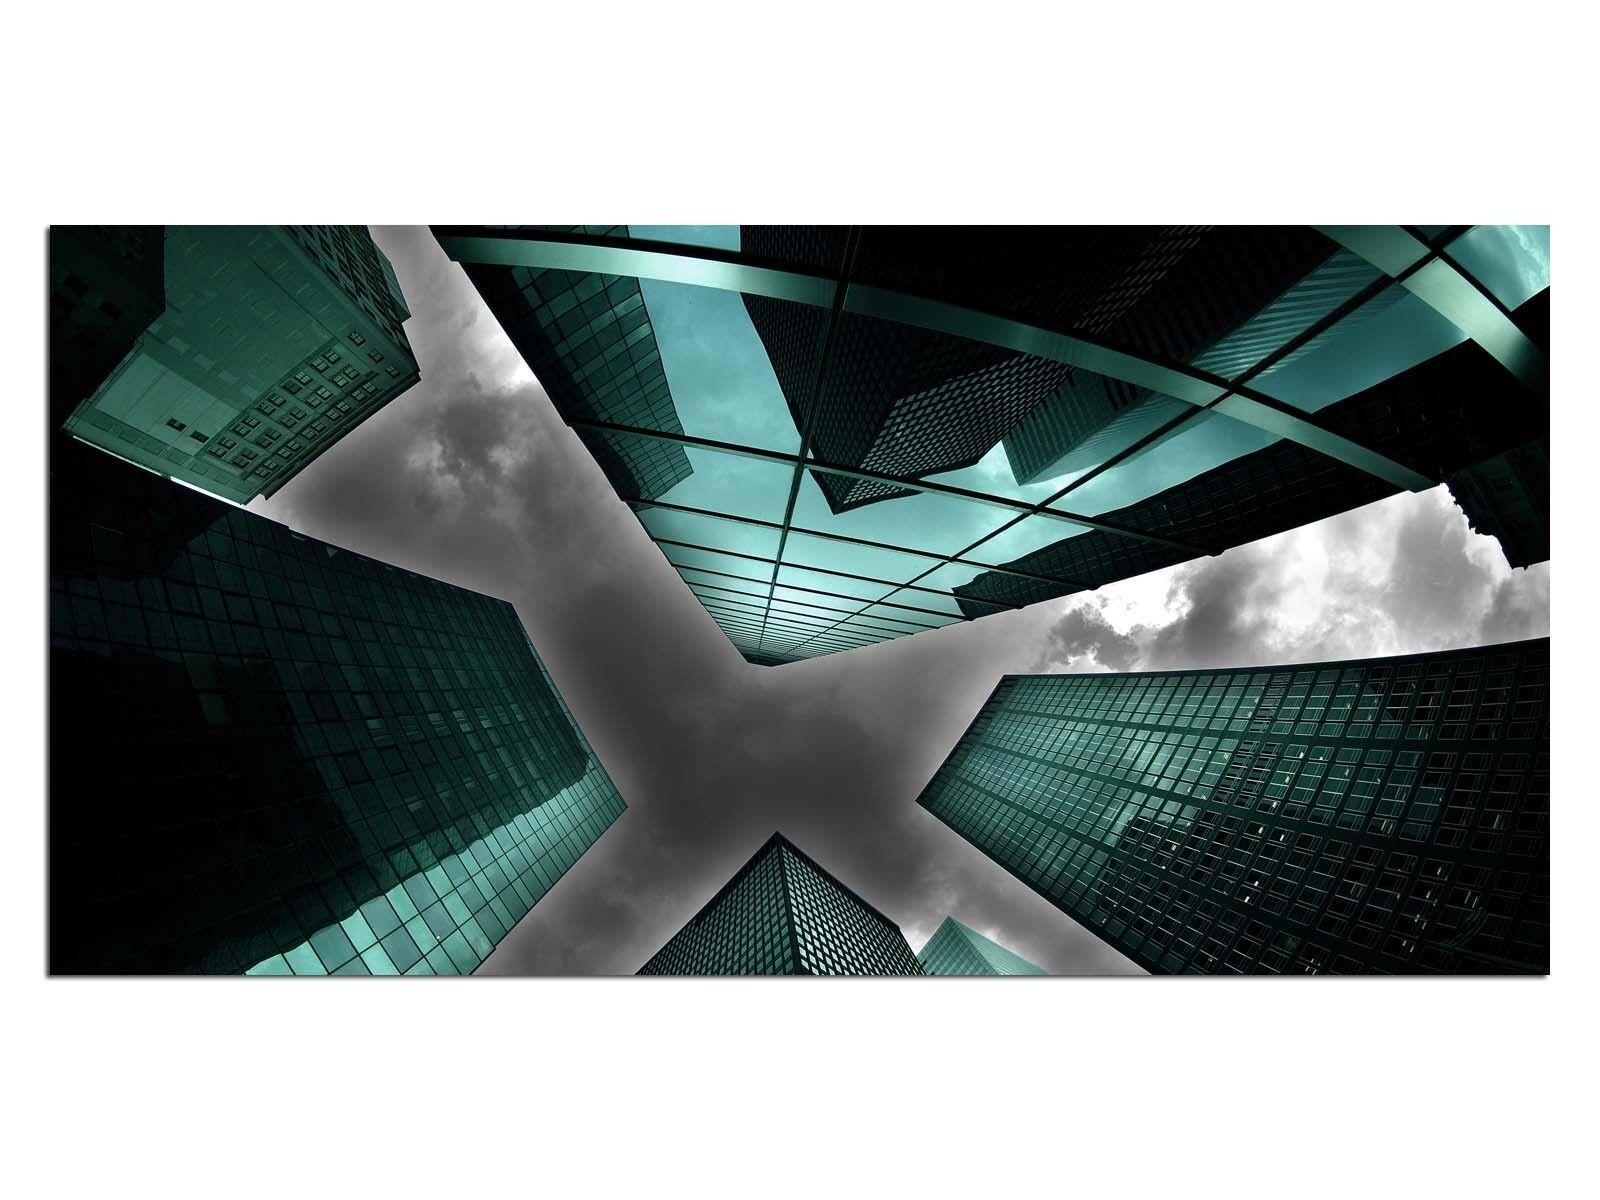 HD Glasbild EG4100501005 WOLKENKRATZER STADT TÜRKIS 100 x 50 cm Wandbild SKYLINE